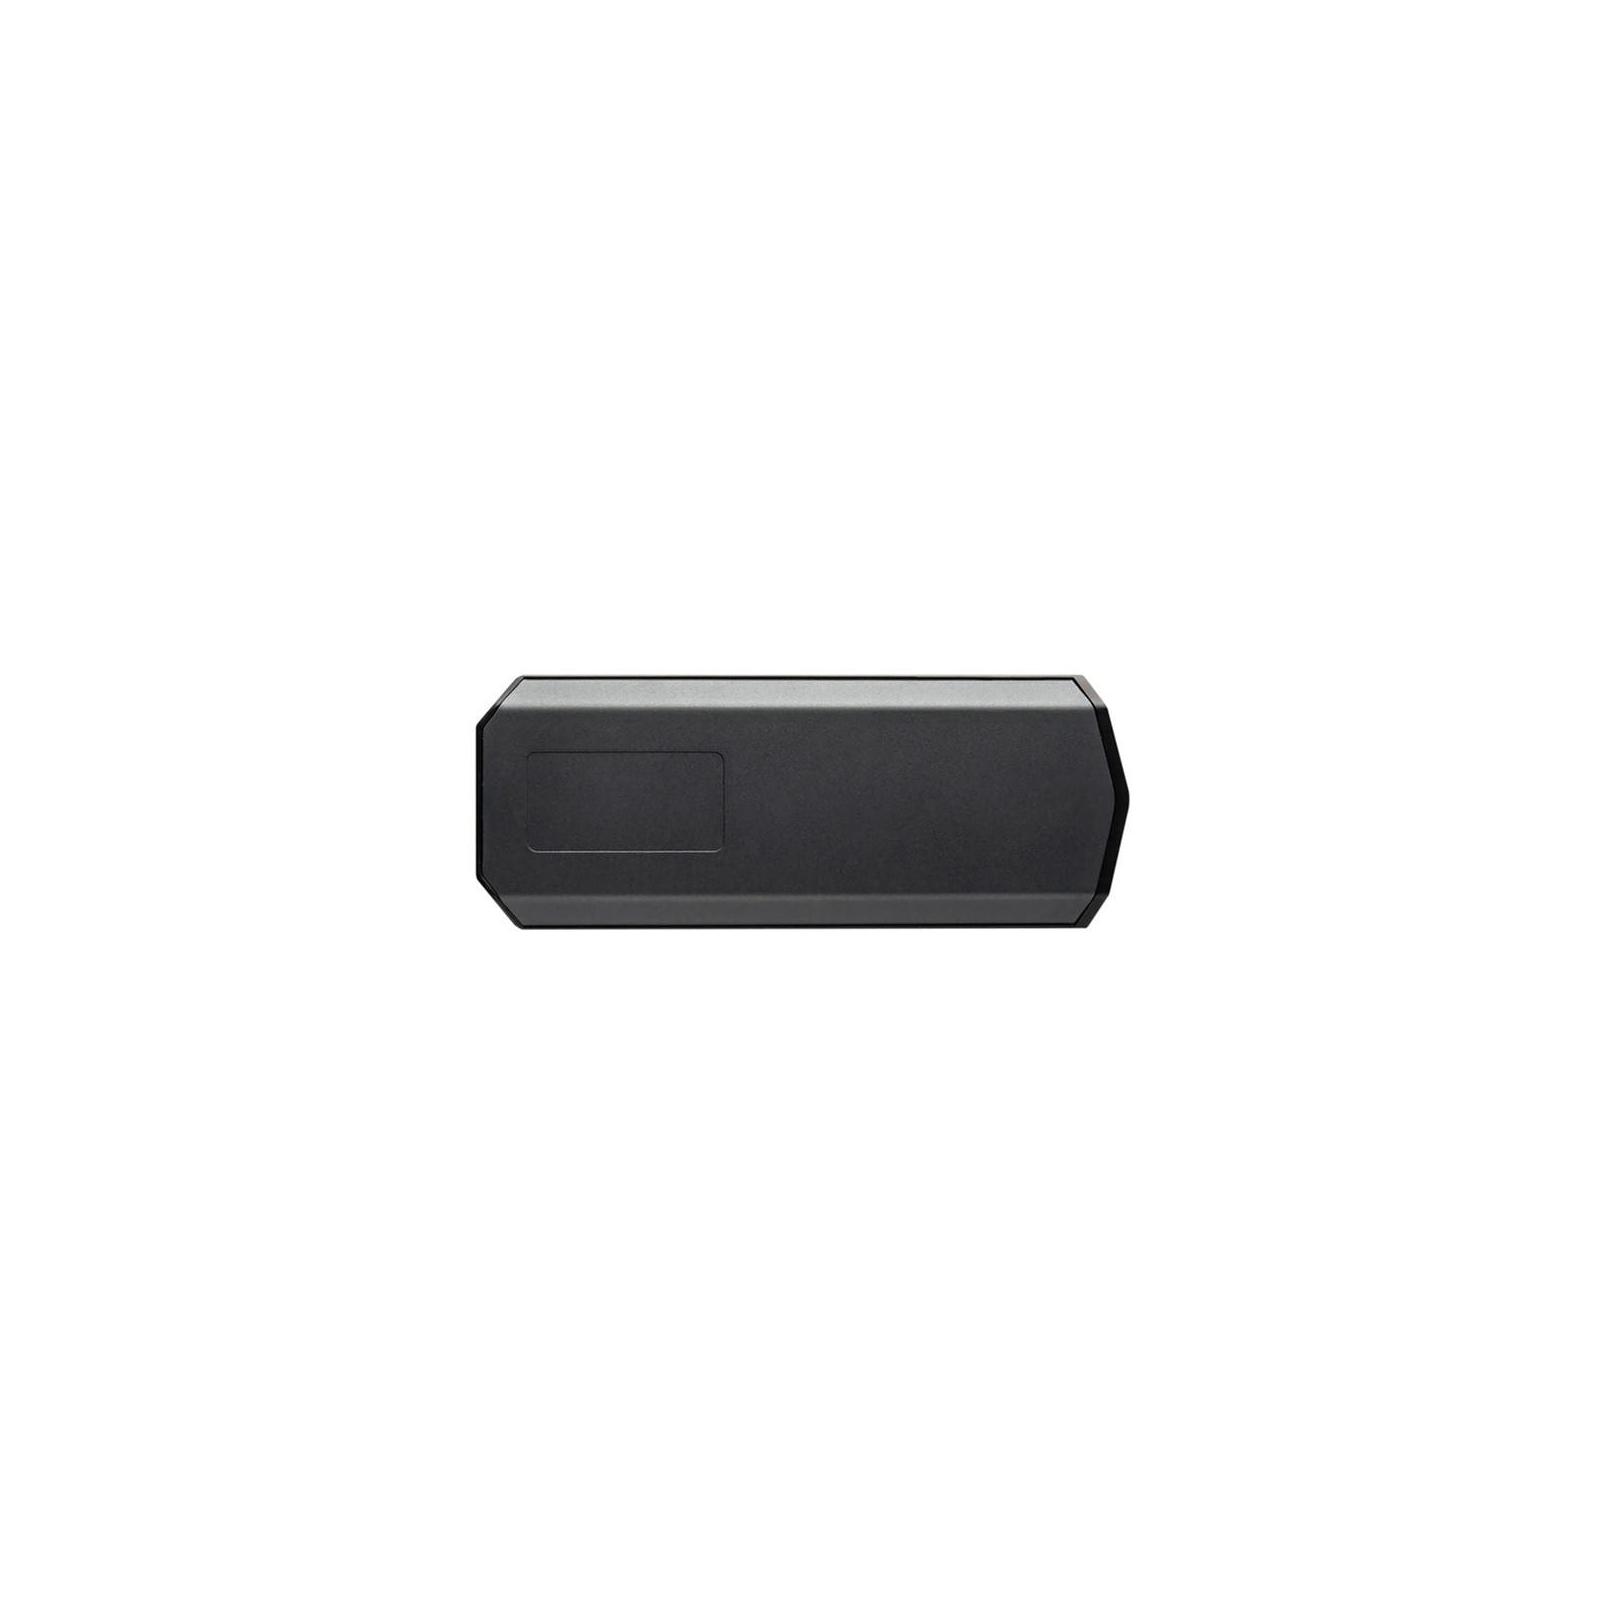 Накопитель SSD USB 3.1 960GB Kingston (SHSX100/960G) изображение 3